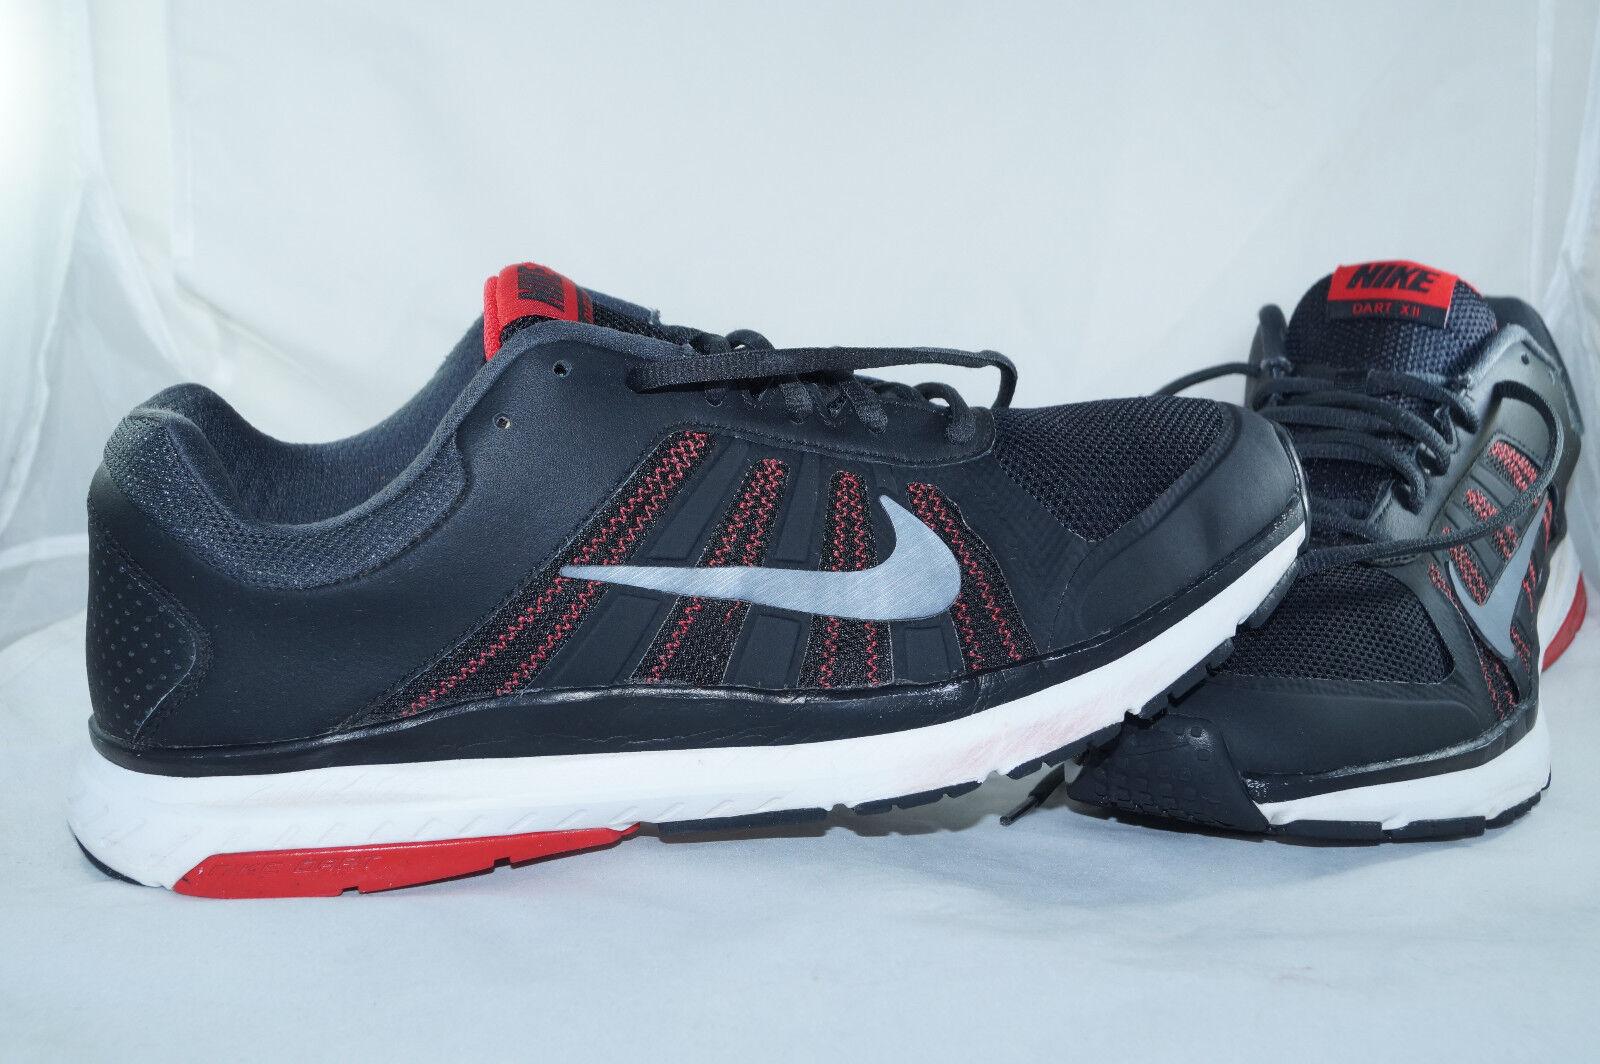 Nike Dart 12 XII GR: 45,5 Sportschuhe Running Laufschuhe